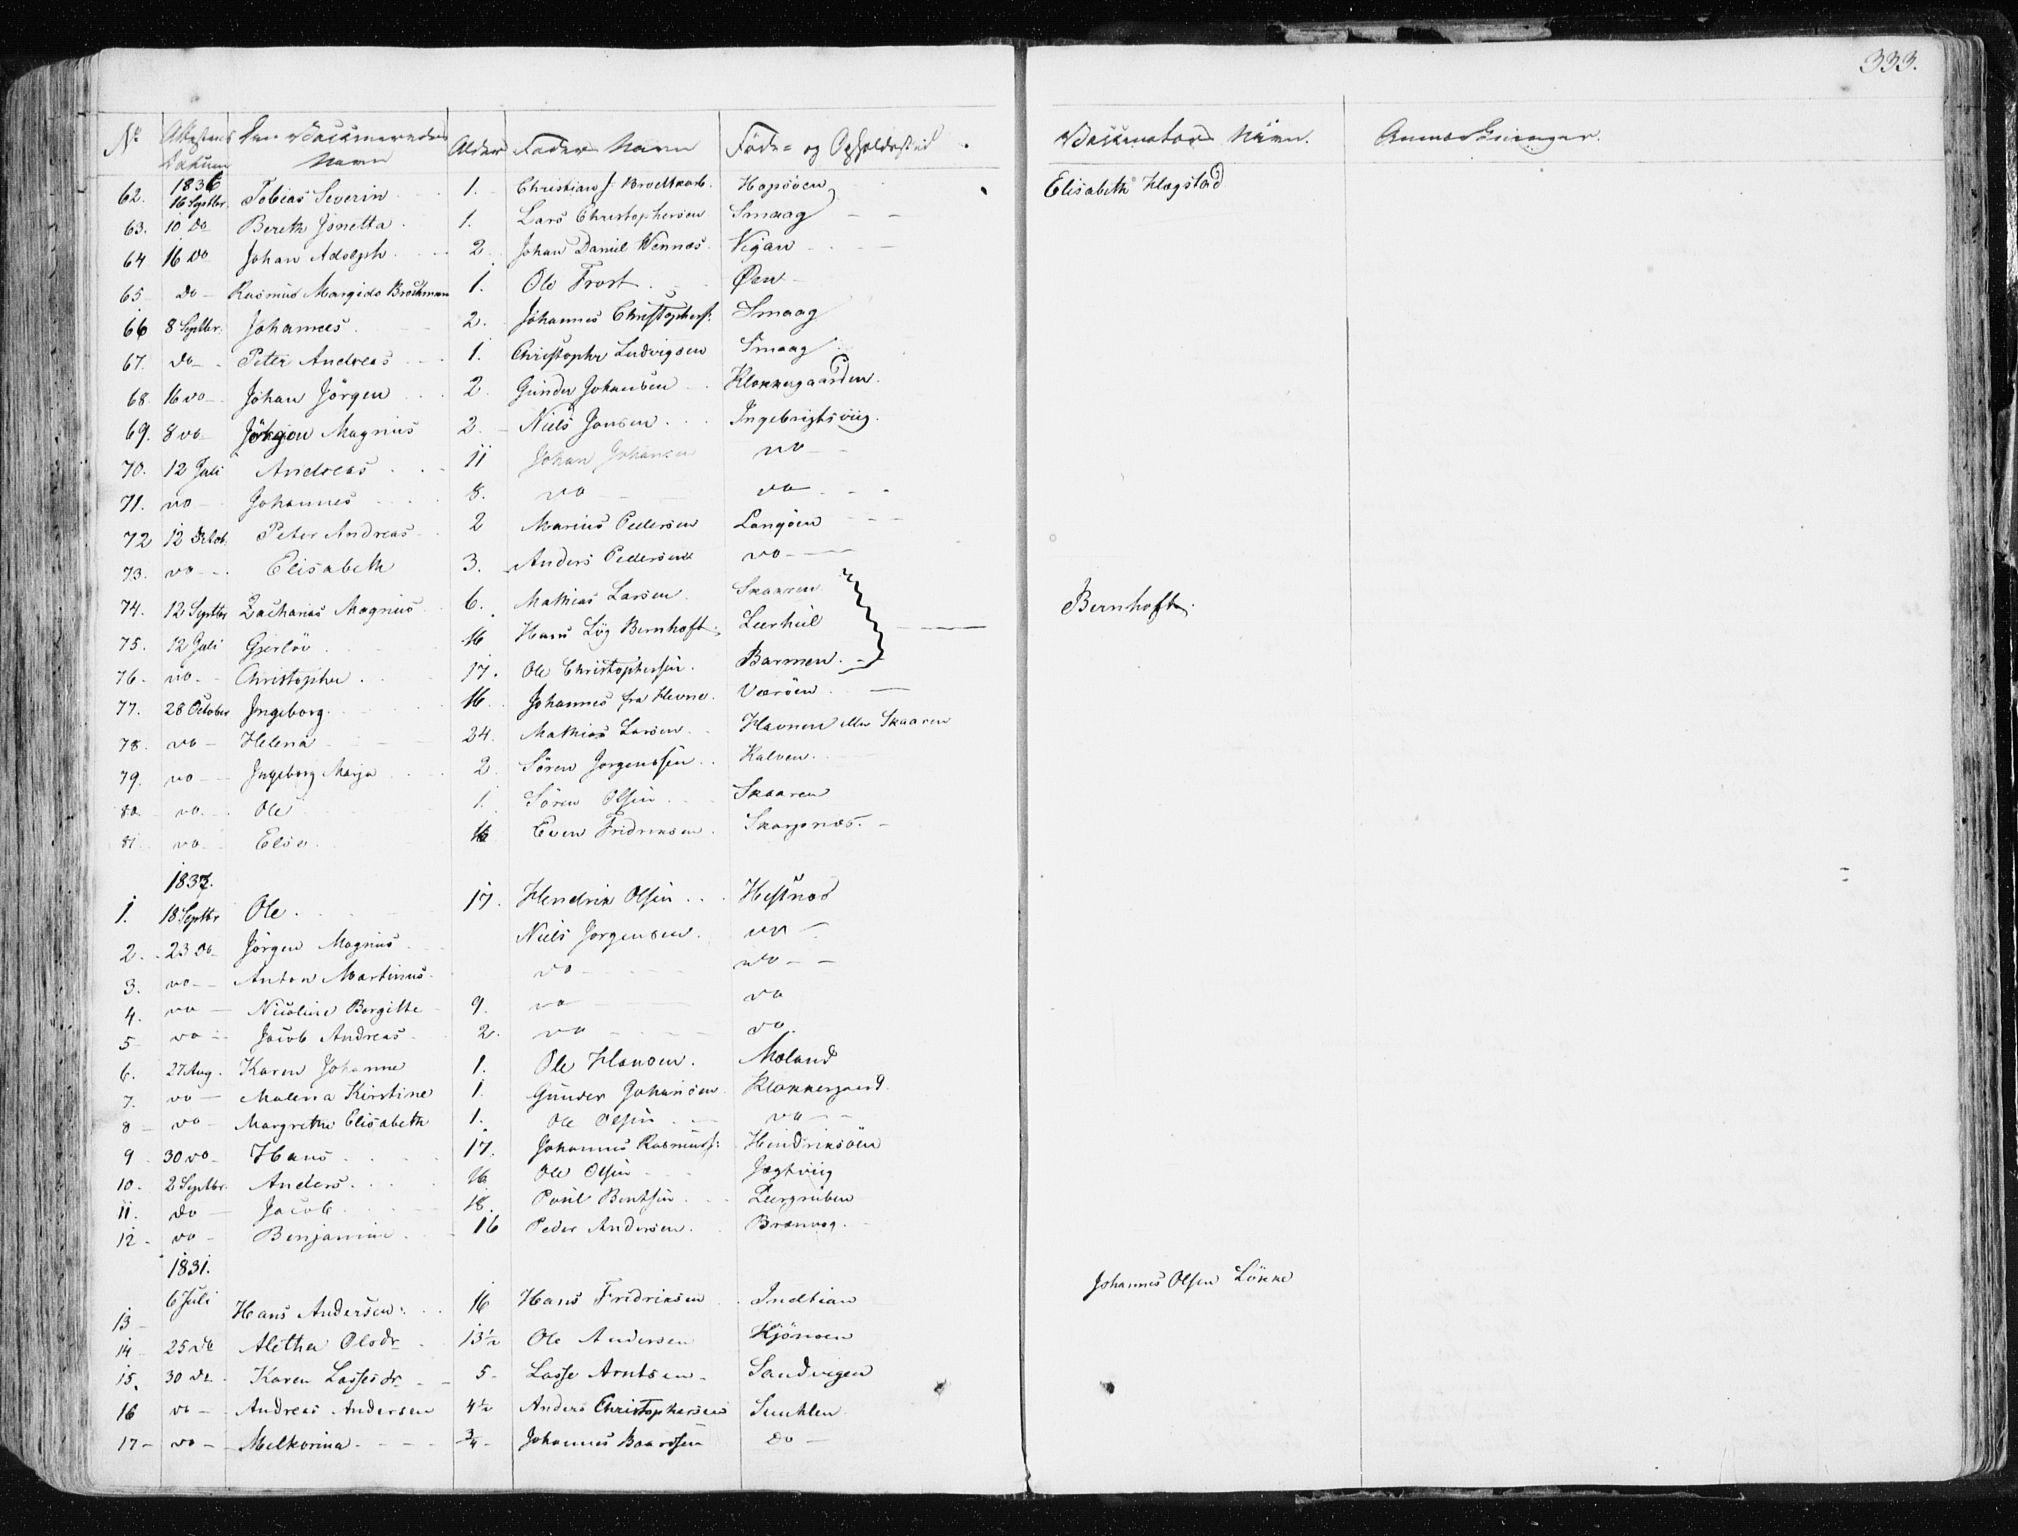 SAT, Ministerialprotokoller, klokkerbøker og fødselsregistre - Sør-Trøndelag, 634/L0528: Ministerialbok nr. 634A04, 1827-1842, s. 333